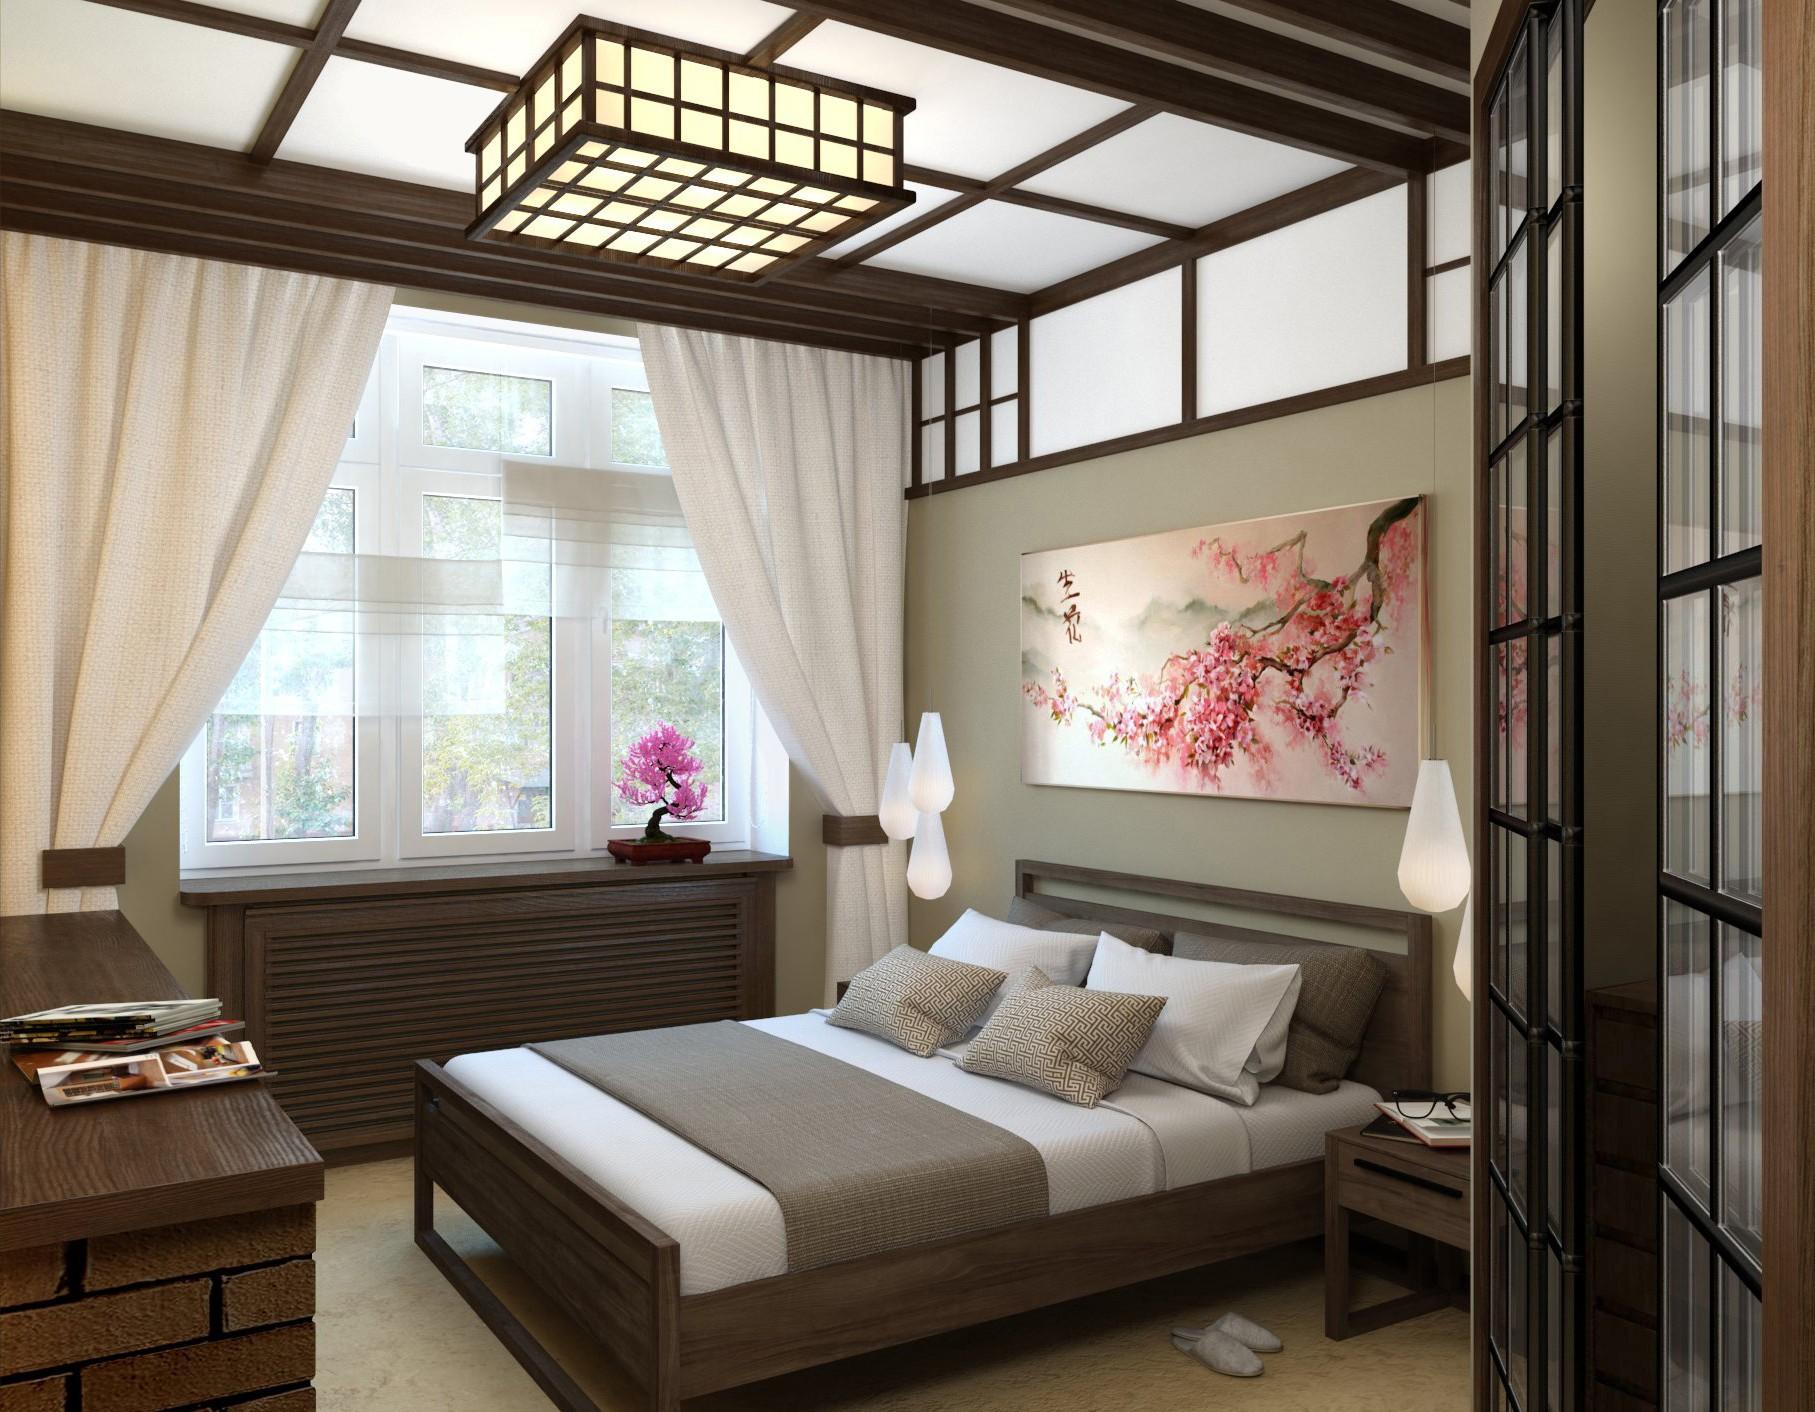 спальня площадью 5 на 5 метров японский стиль